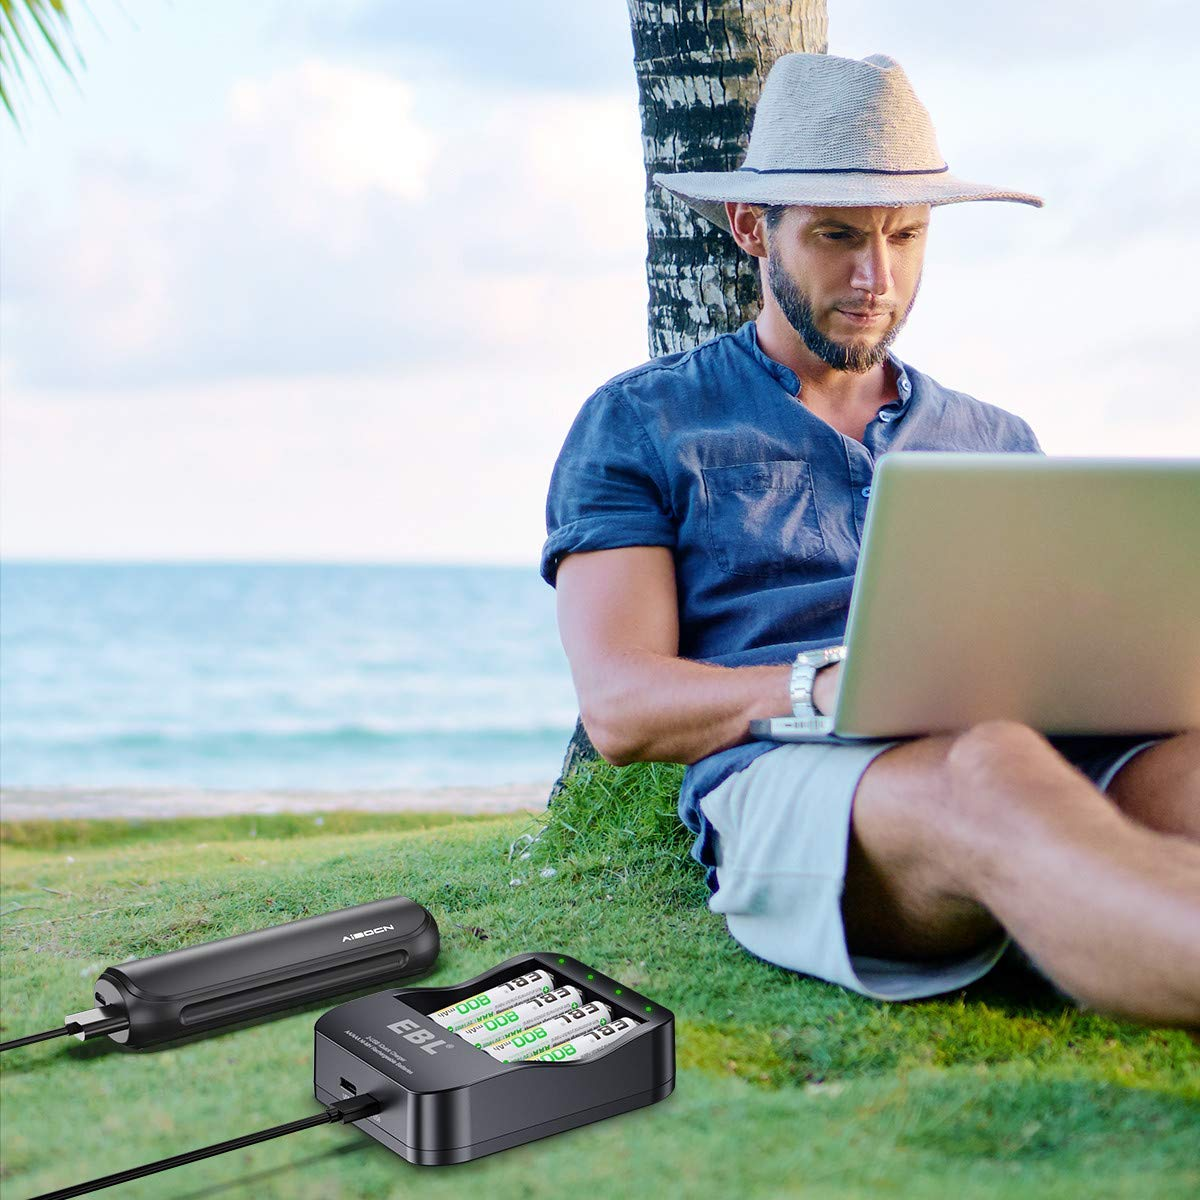 EBL iQuick Cargador de Pila de Ni-MH AA AAA Pila Recargable con 4 AA 2800mAh Pilas Recargable con Dos Modos Cable USB(Micro USB y USB-C)